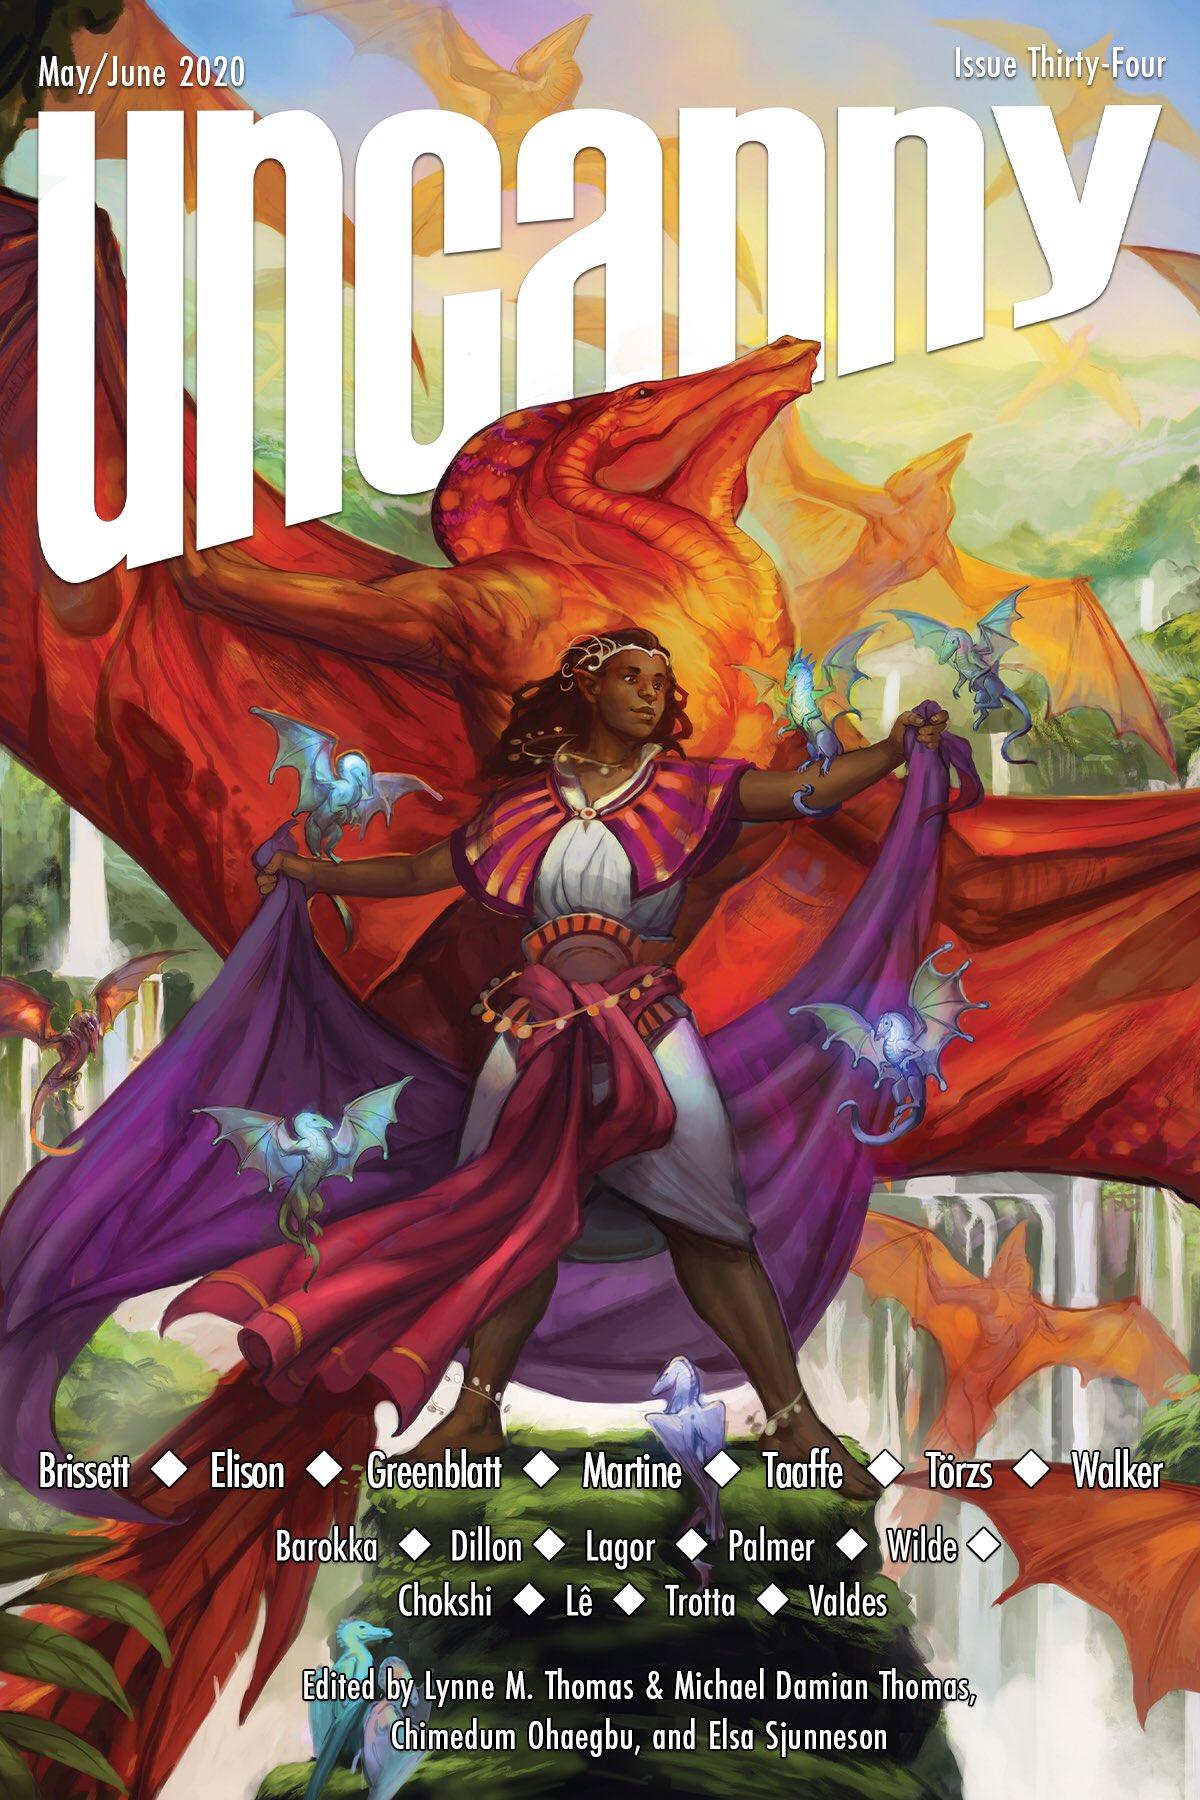 Uncanny Magazine Issue 34: May/June 2020 by Chimedum Ohaegbu, Elsa Sjunneson, Michael Damian Thomas, Lynne M. Thomas